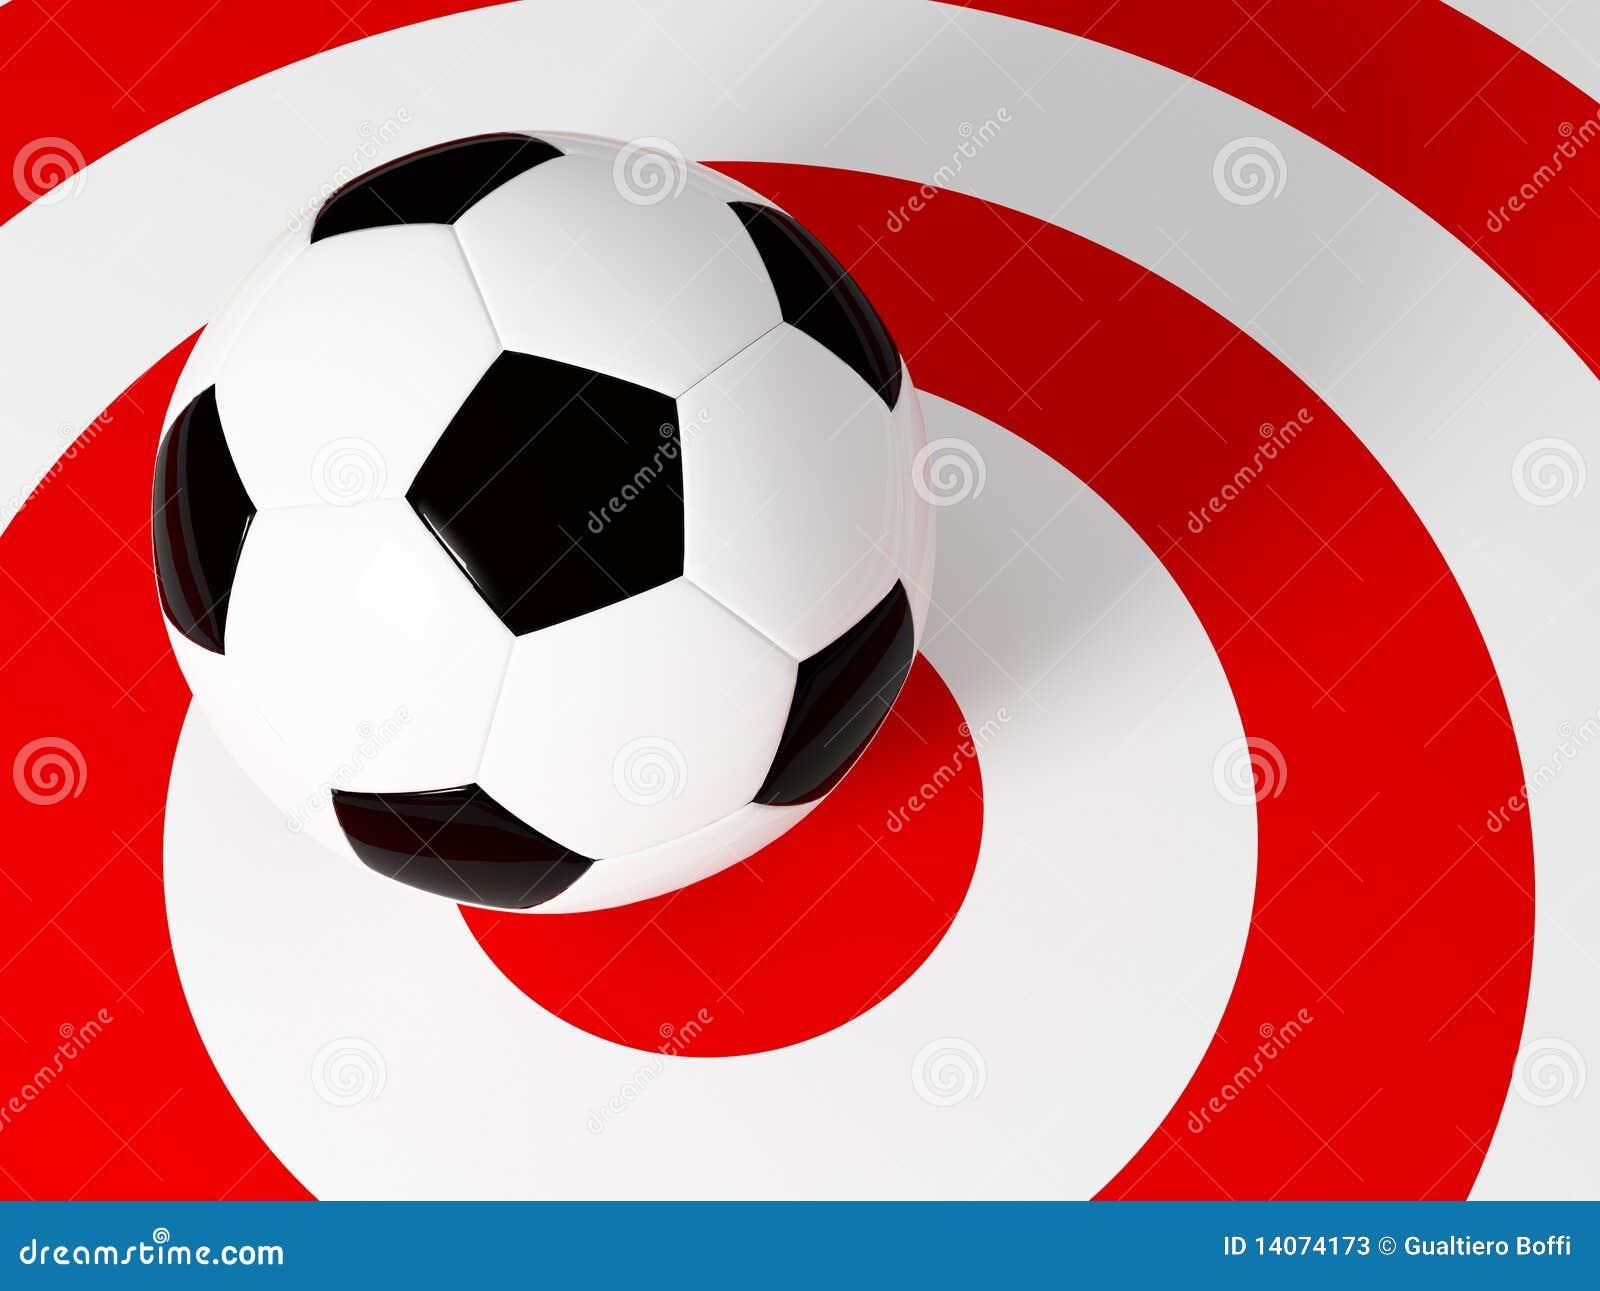 Target soccer ball stock illustration. Illustration of champion ... 298c1128b9e3